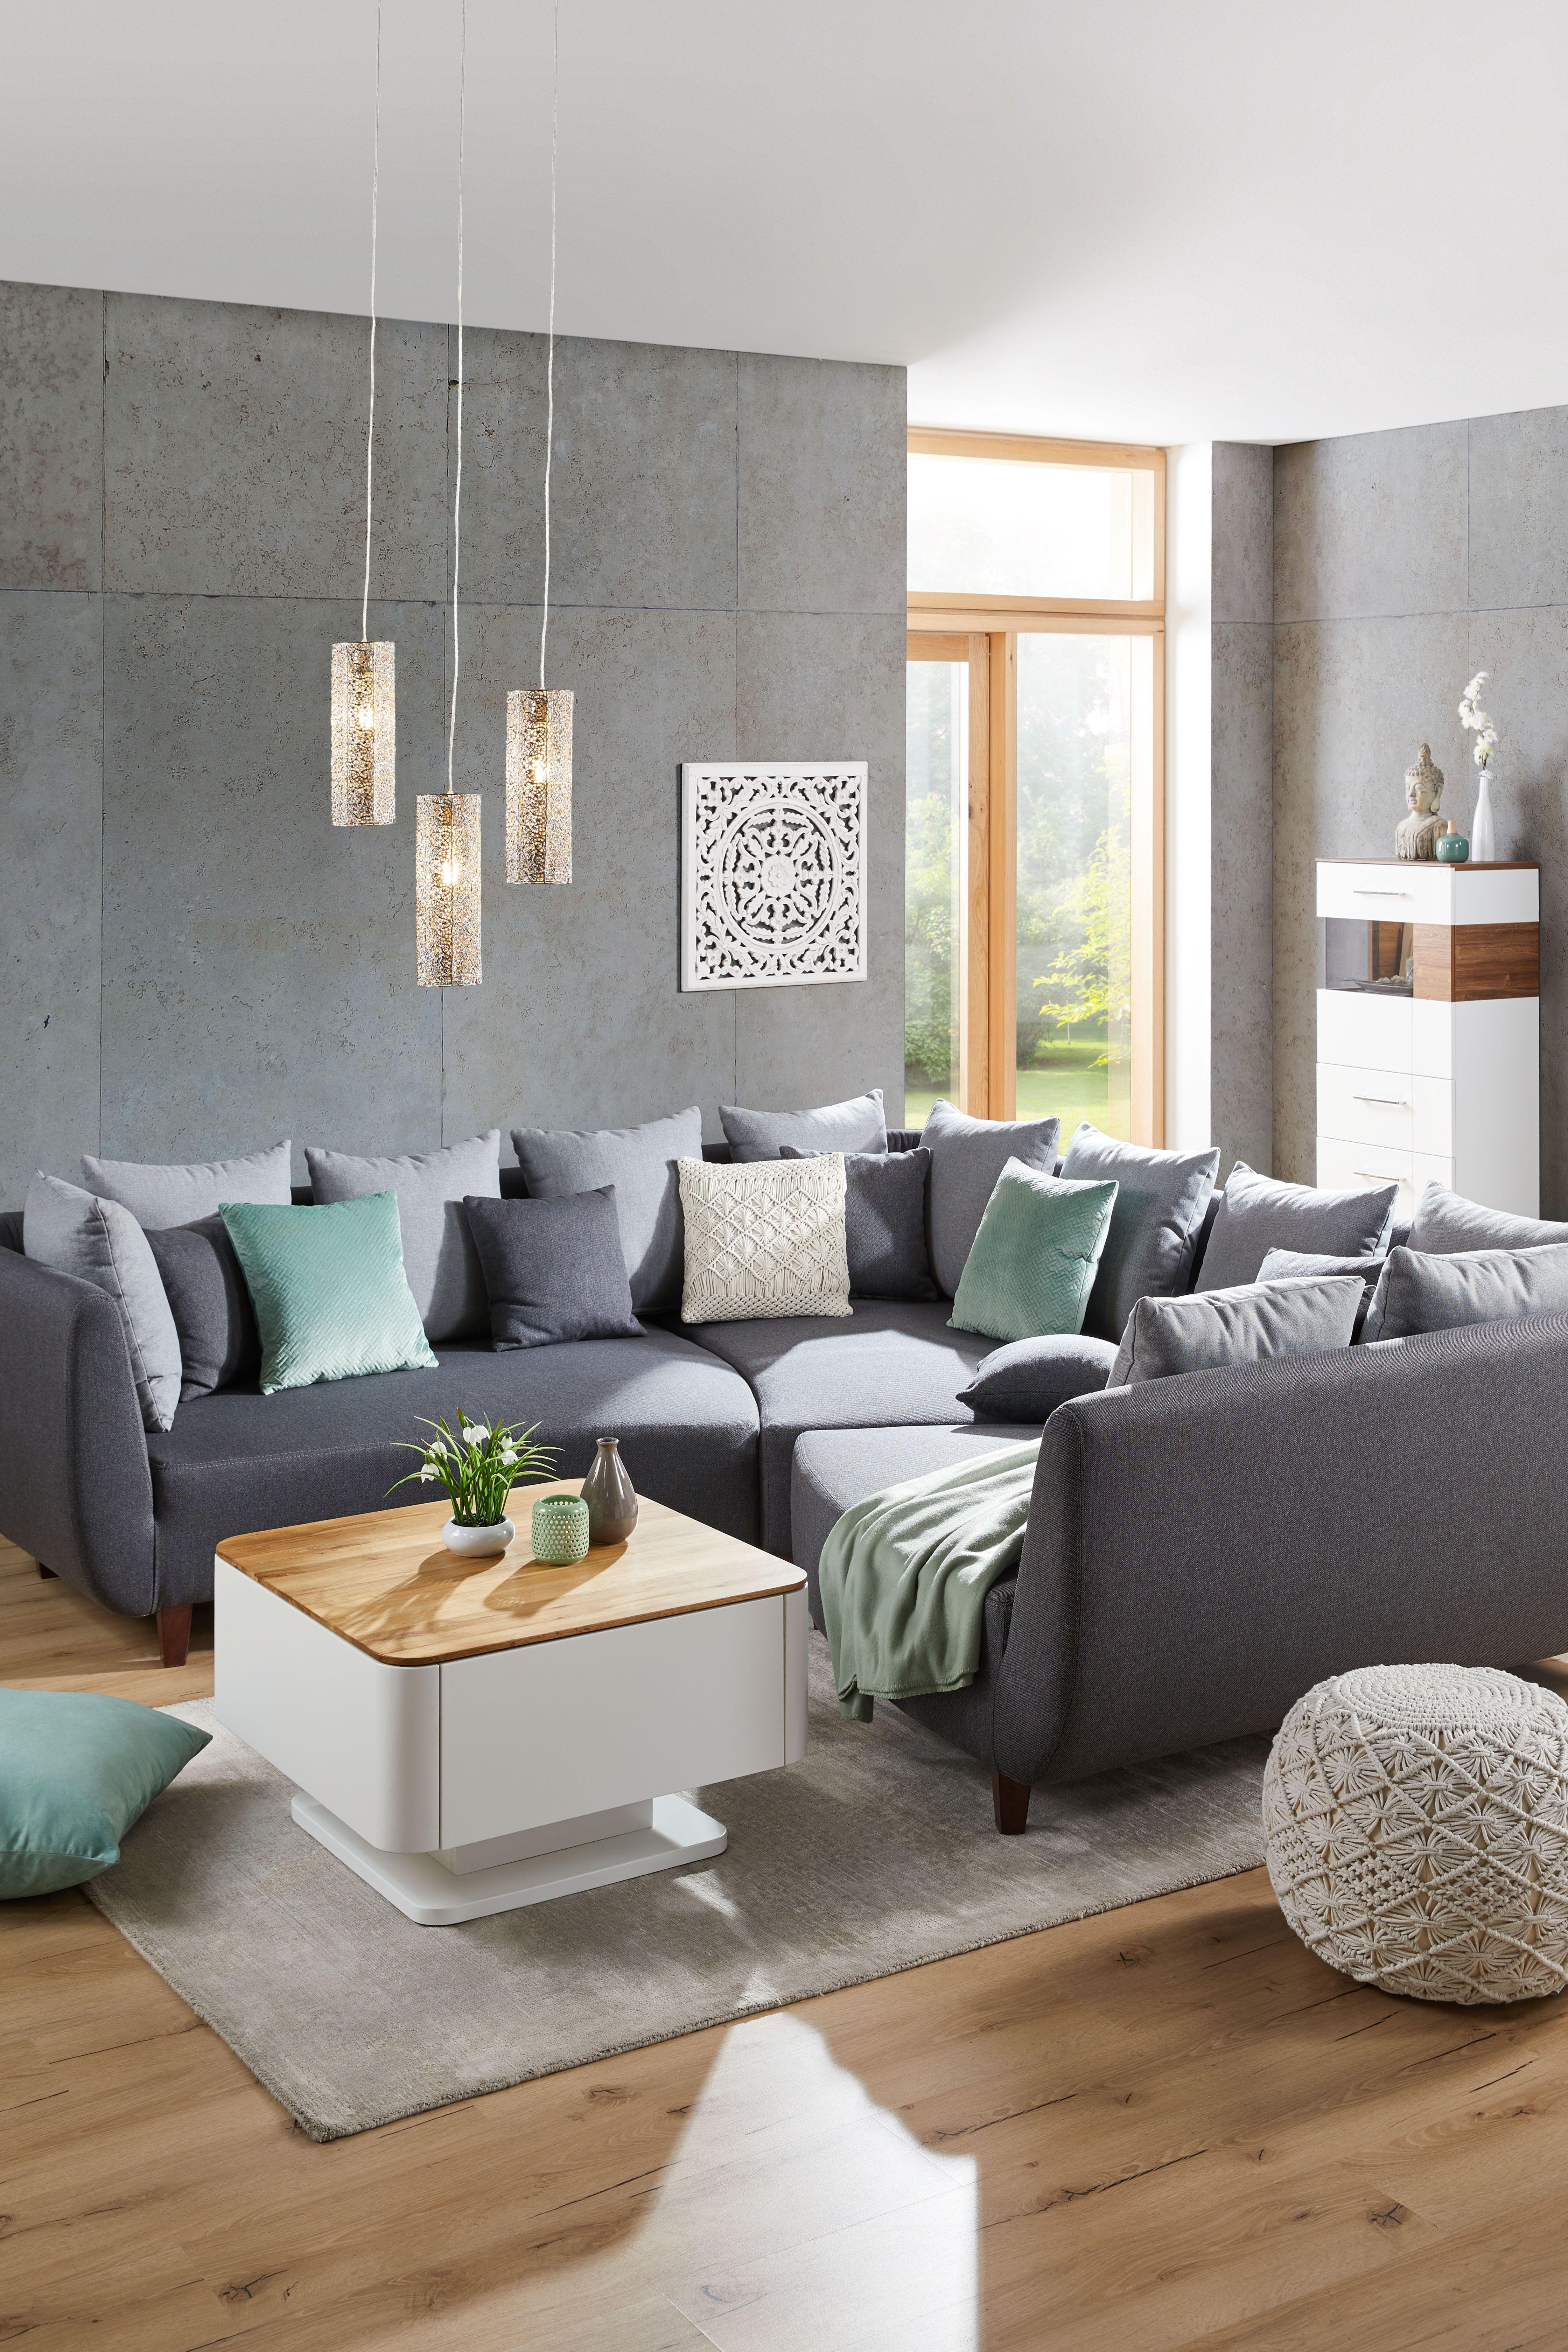 Sofaelement in Grau  Graues sofa wohnzimmer, Wohnzimmer ideen